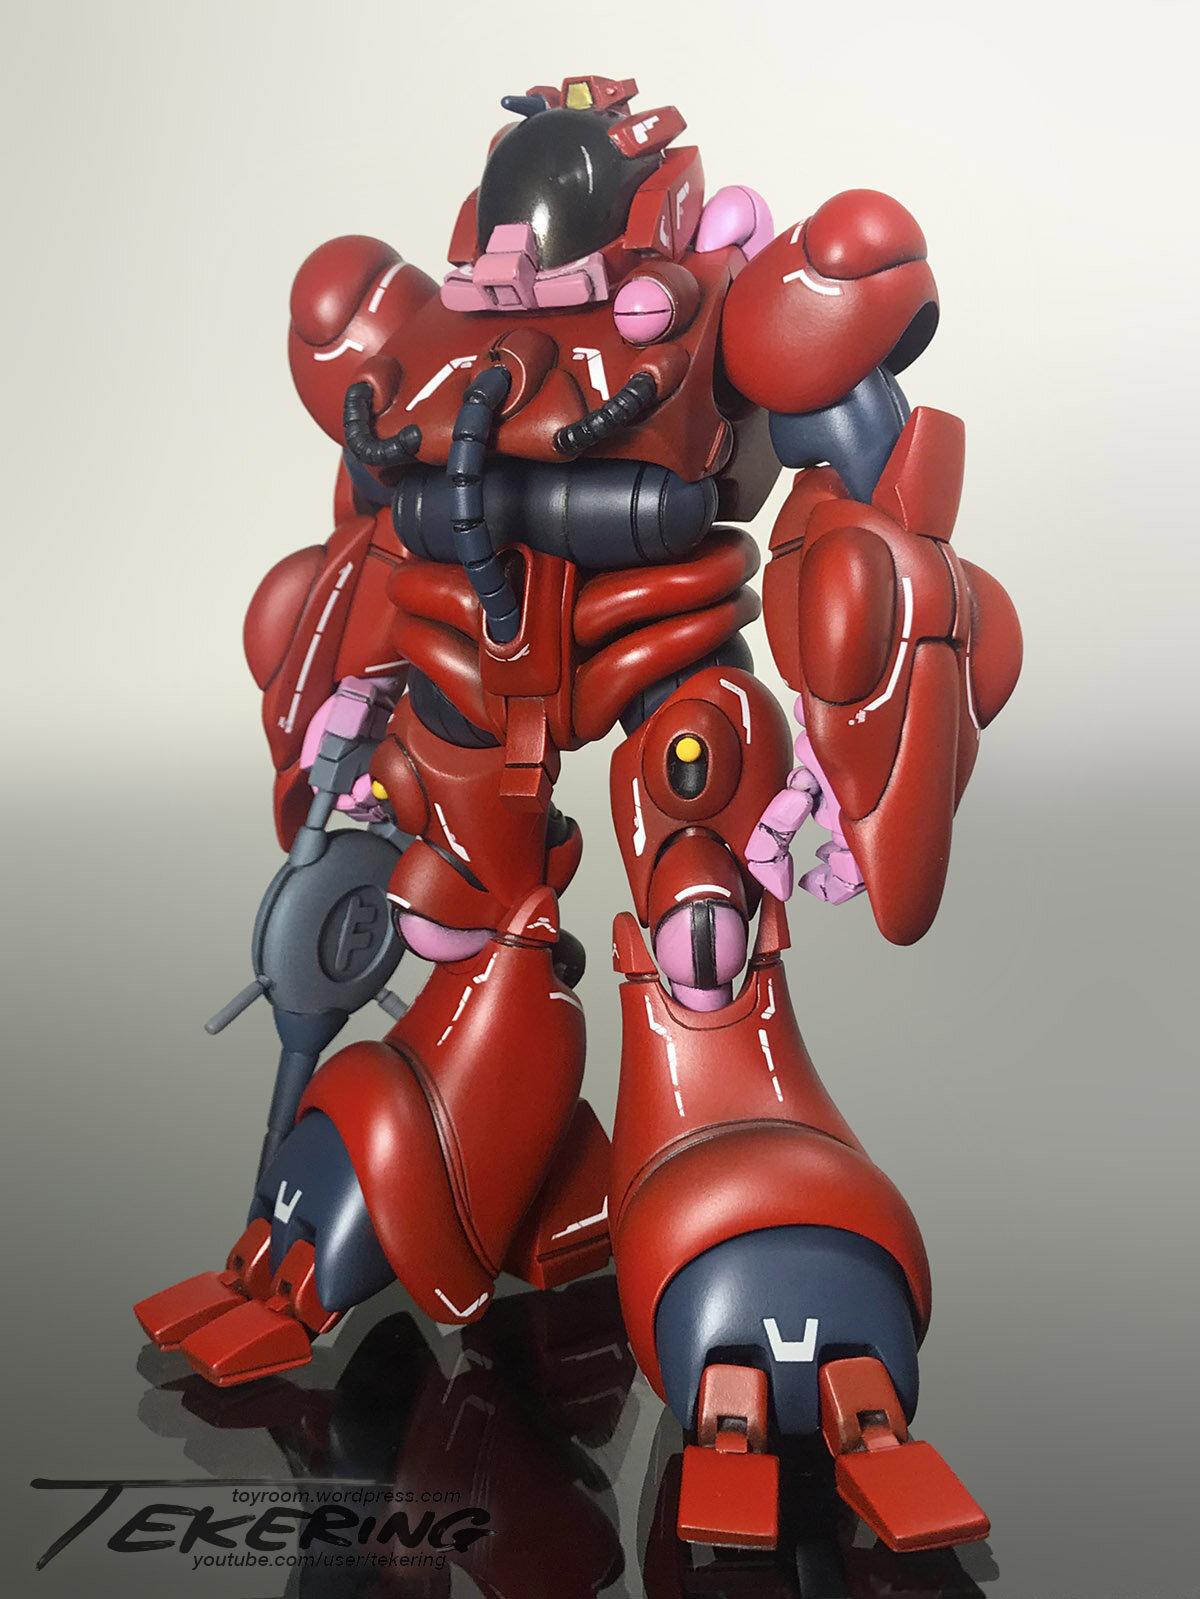 Bioroid-Commander-Red-TBr-I-Mk.III-Gisterdohl-Warlord-1.jpg.201ce7dcda3269b8e5645dfe9f1104b9.jpg